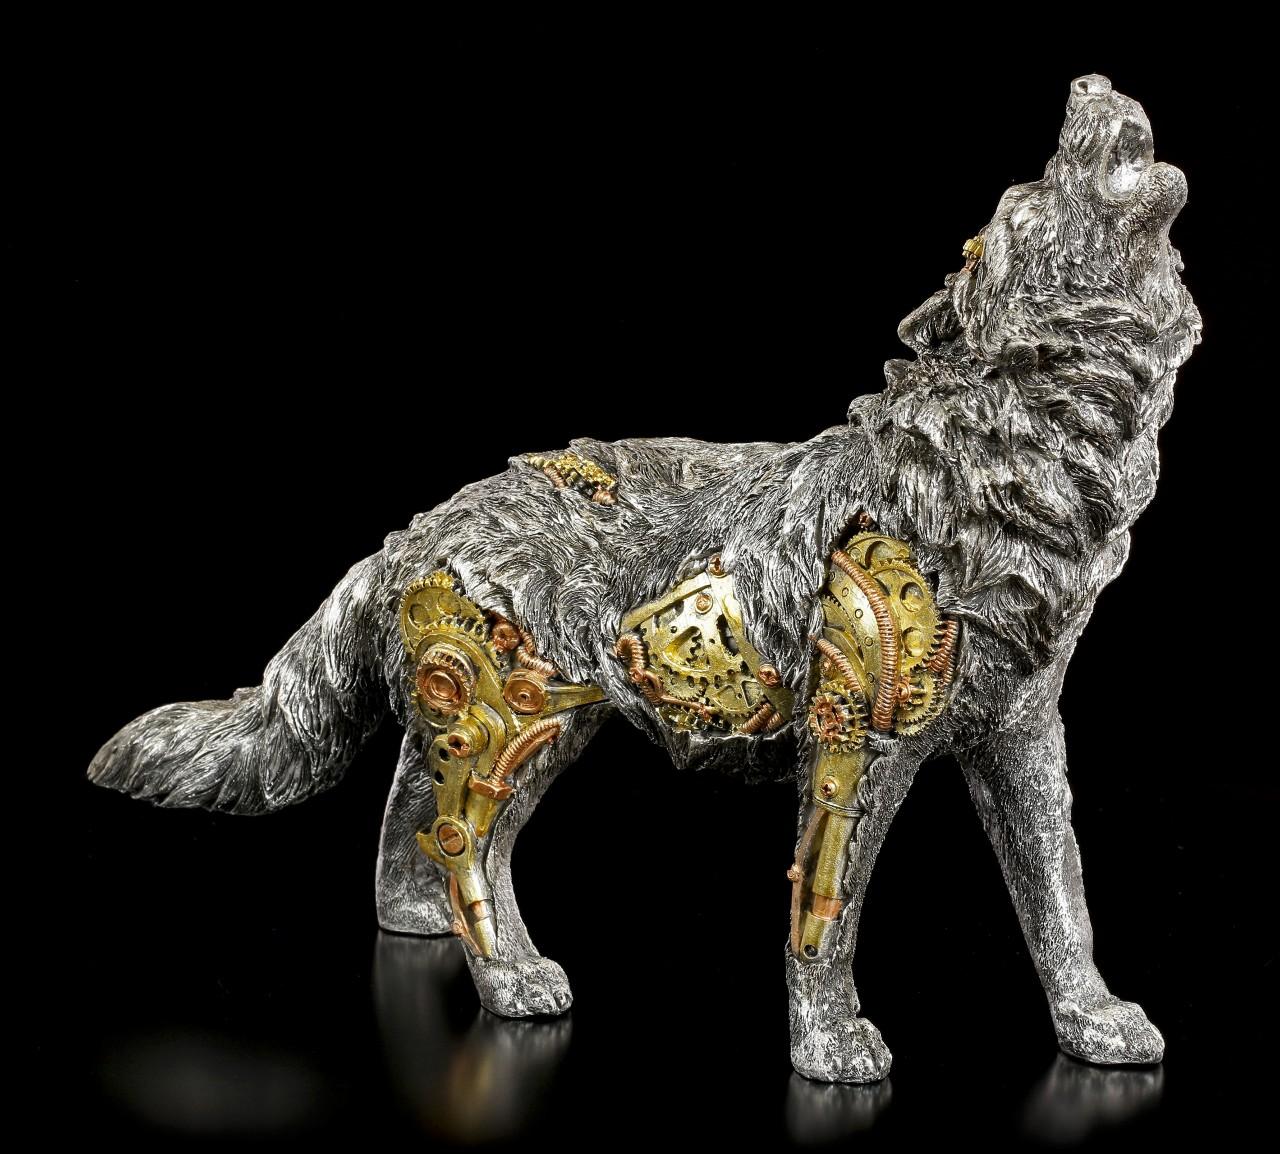 Steampunk Wolf Figurine - Mechanic Watcher